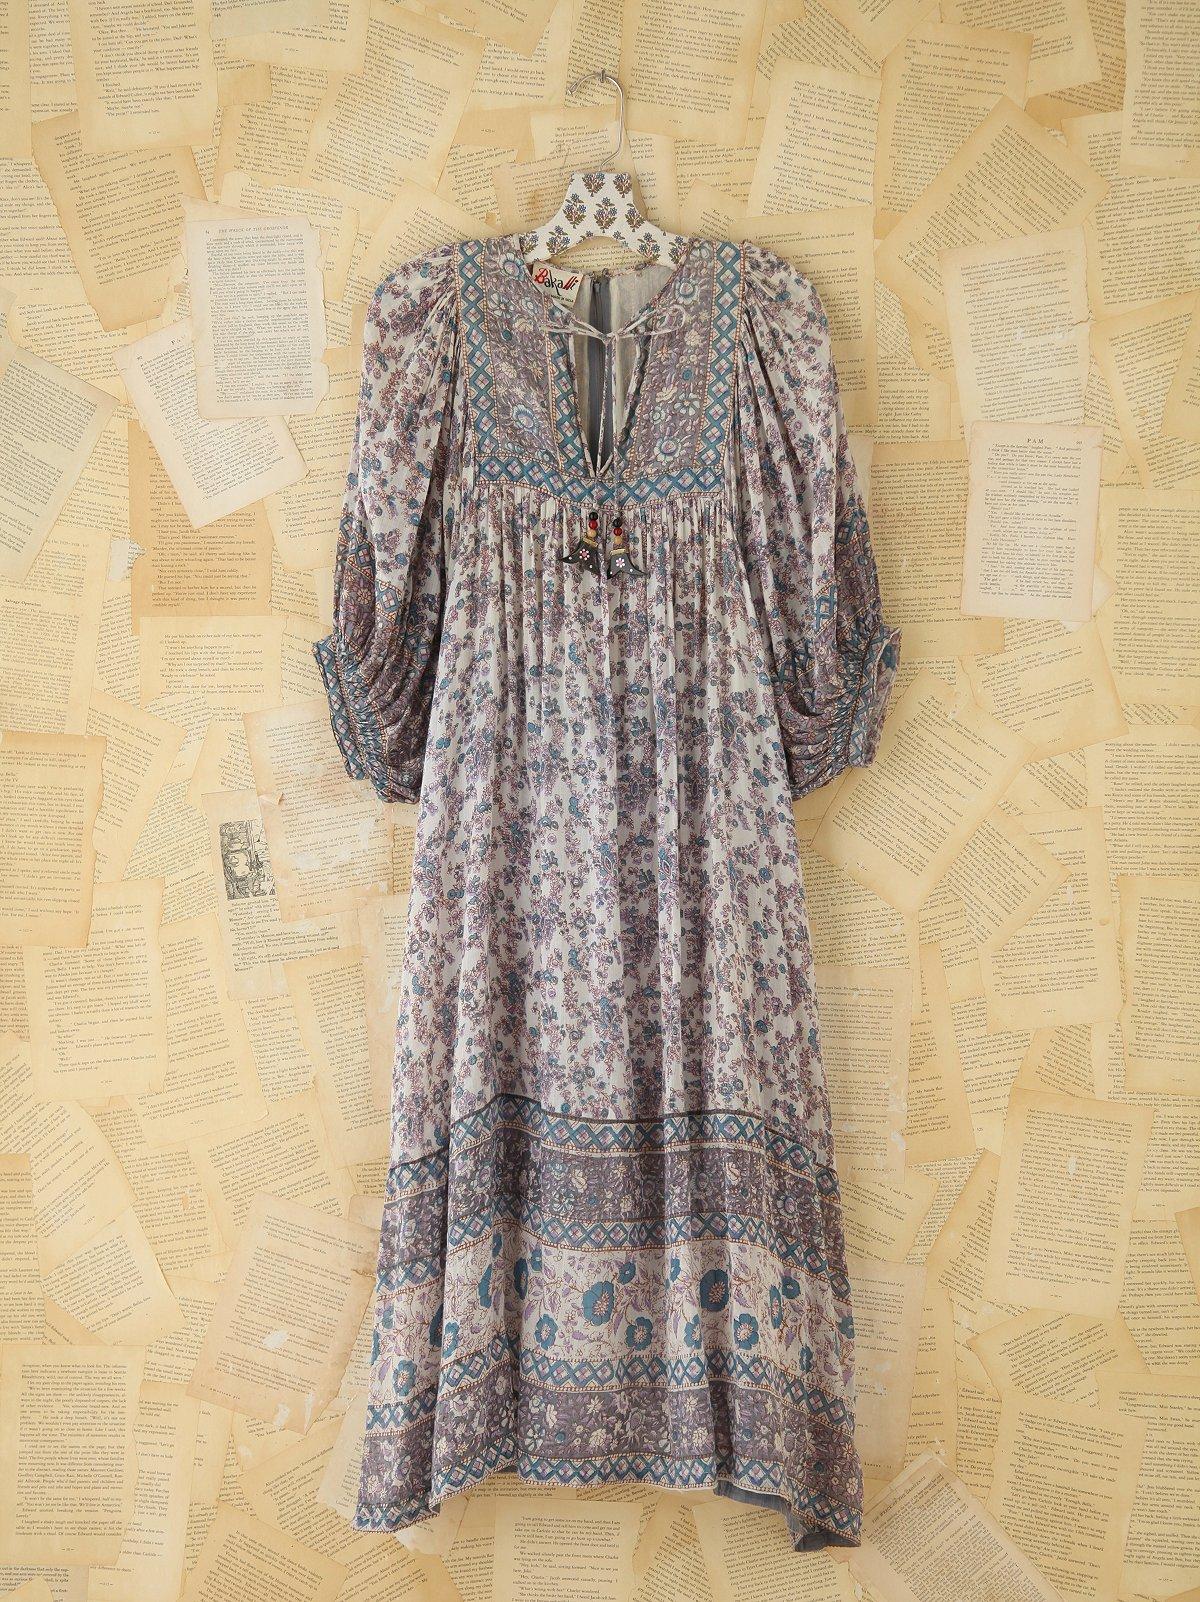 Vintage Patterned Boho Dress